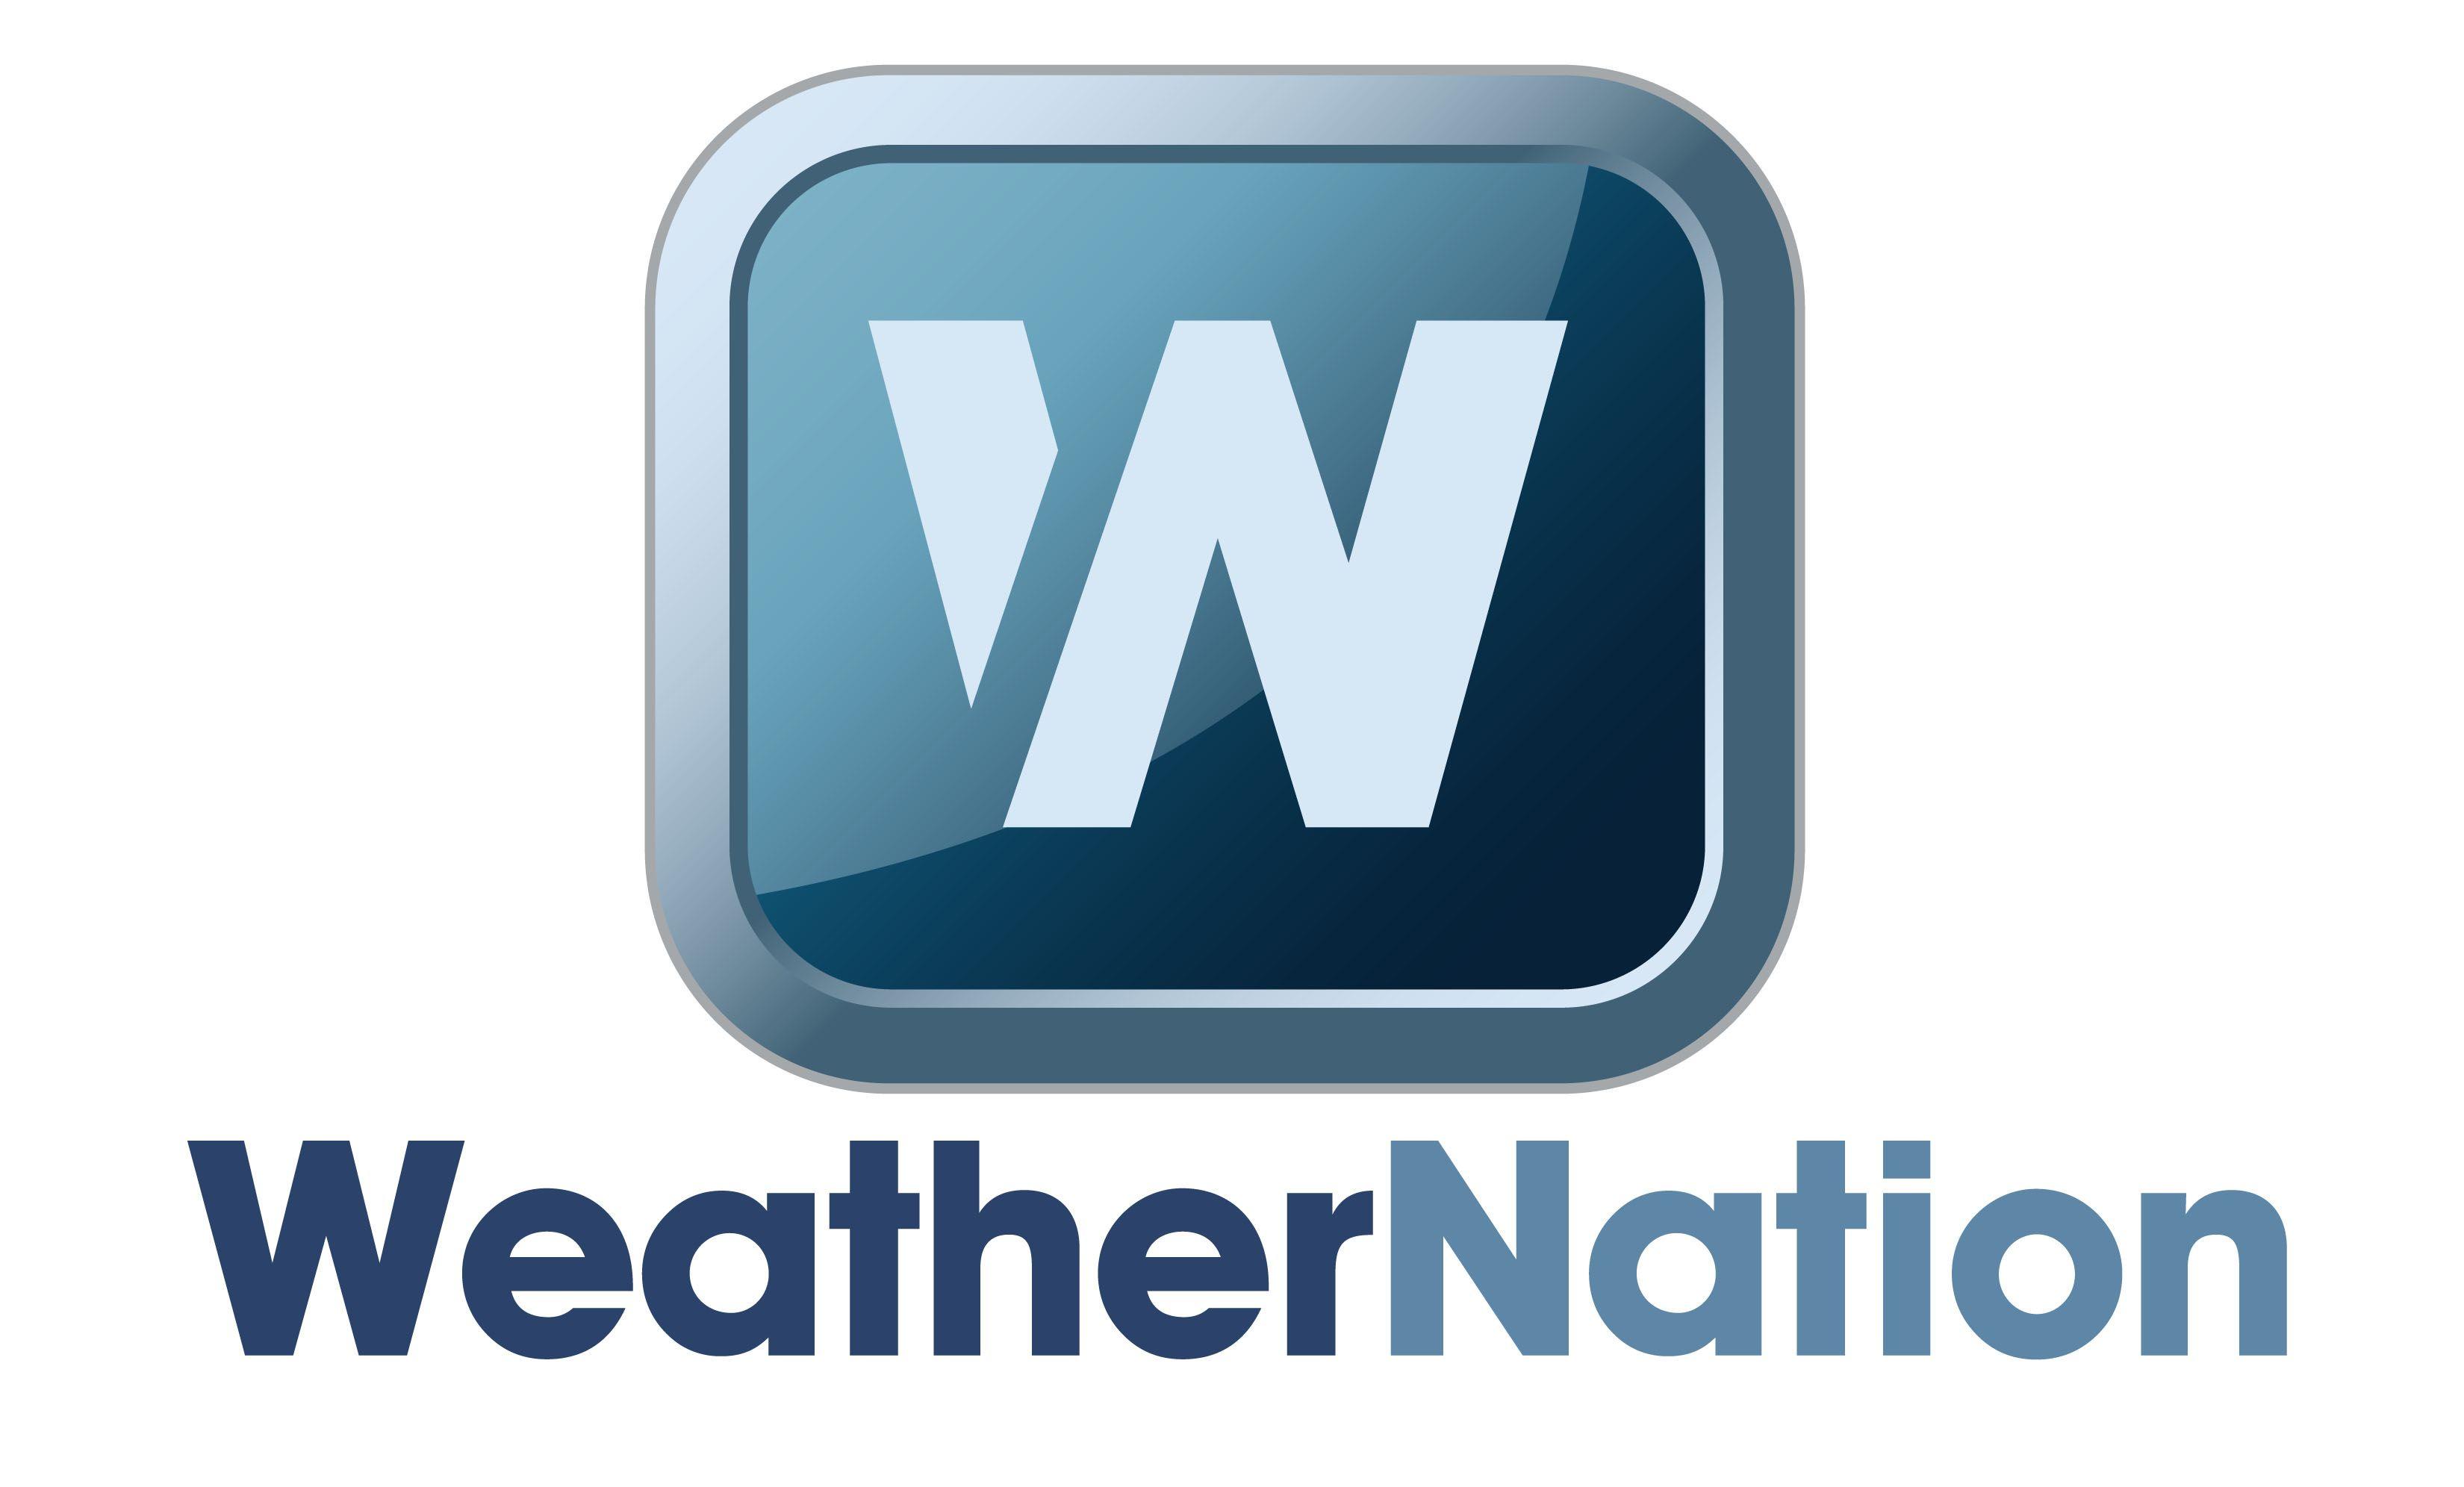 WeatherNation TV Tv station, Streaming tv, Live tv